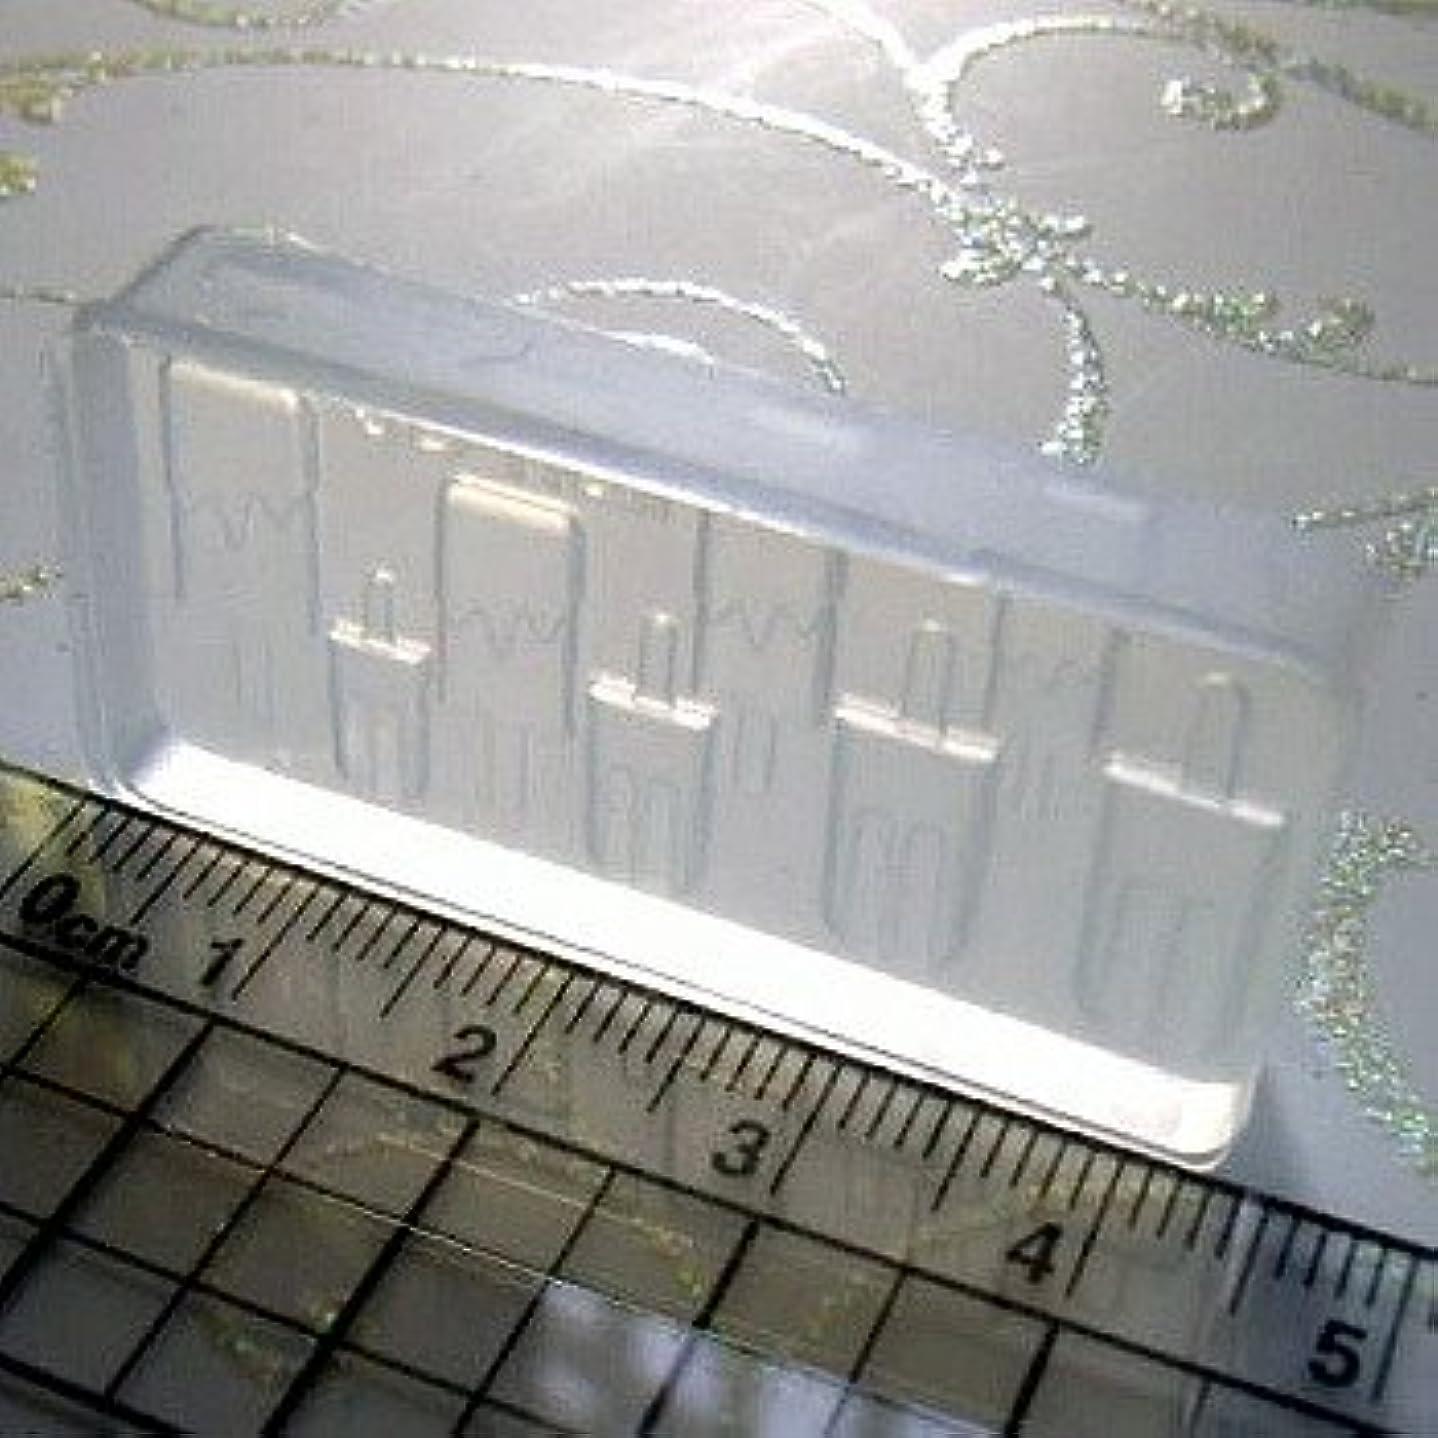 調和のとれたドラム長々と3Dシリコンモールド 自分でできる3Dネイル ネイルアート3D シリコン型 アクリルパウダーやジェルで簡単に!